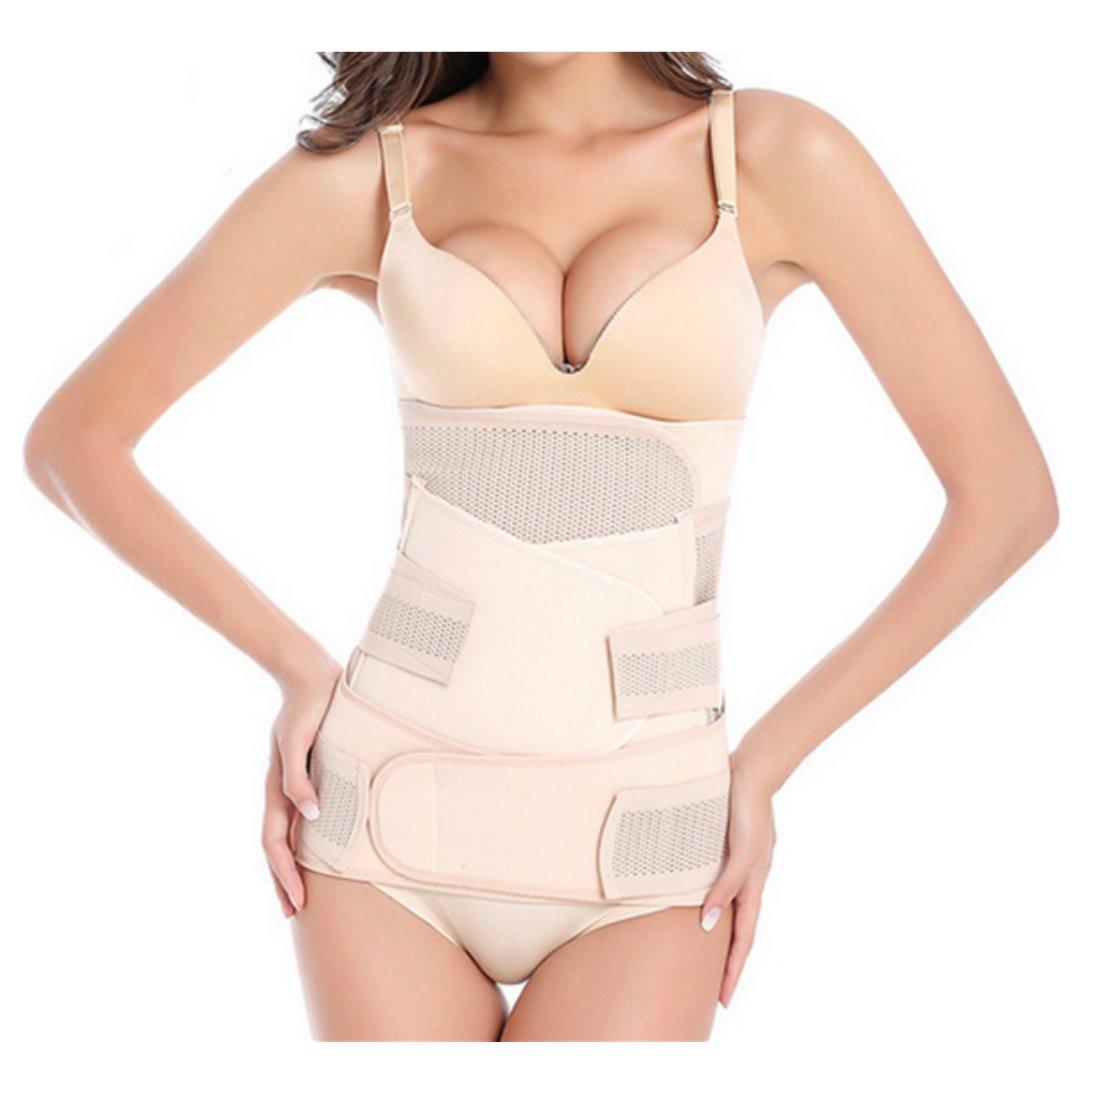 3 en 1 Fajas Postparto Para Despues Del Parto Recuperación vientre/cintura/pelvis cinturón transpirable y cómodo para mujer y Maternidad